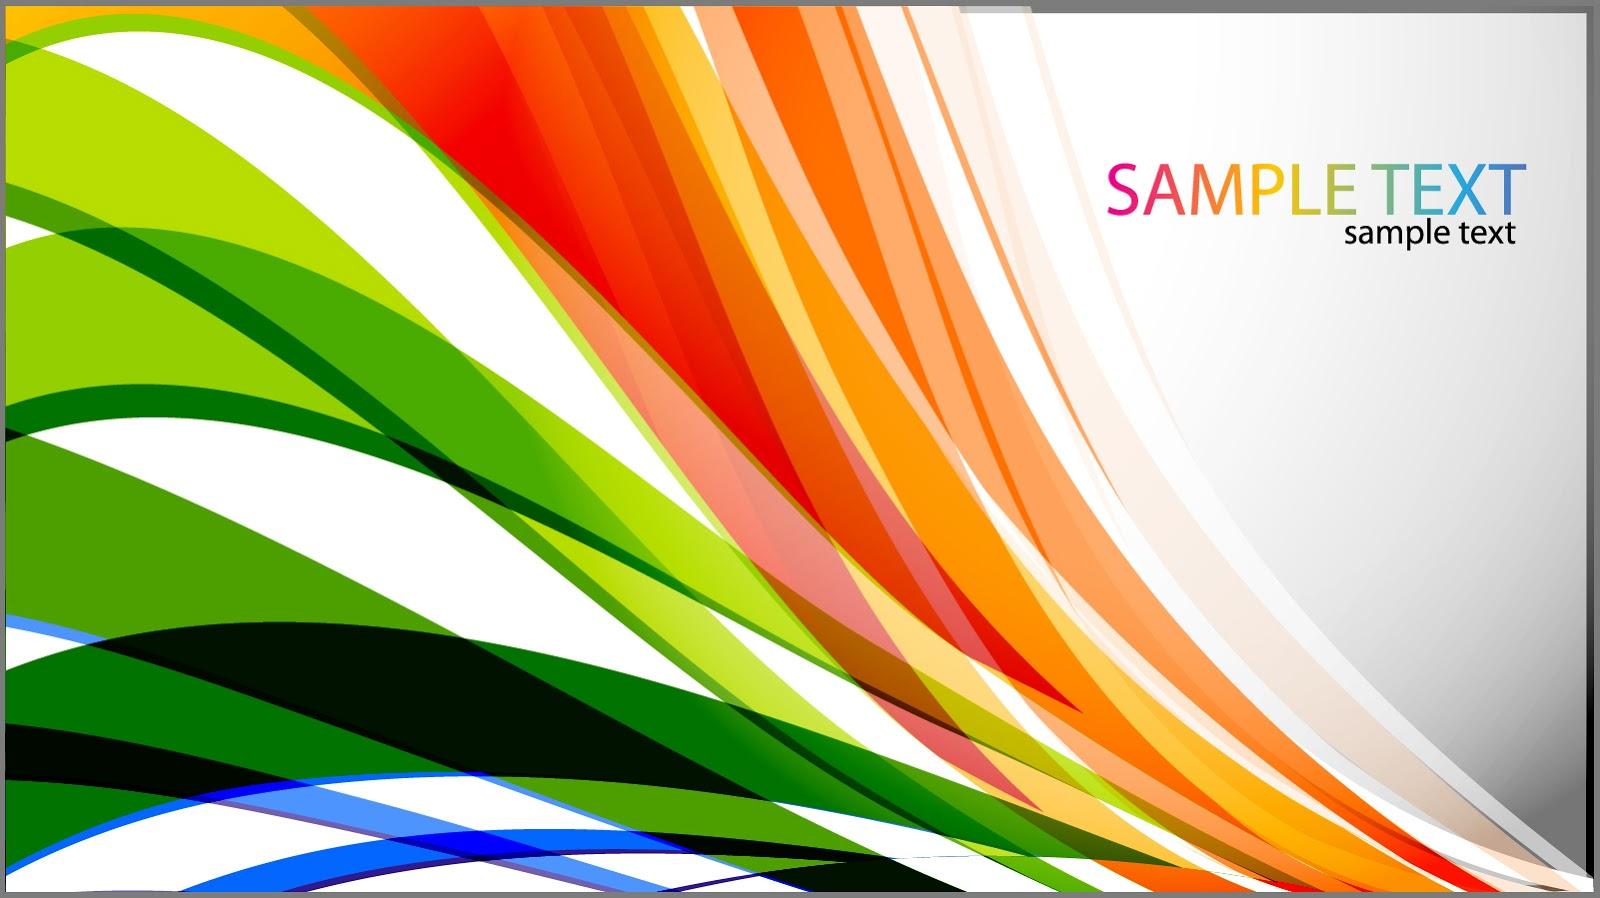 カラフルな曲線が重なる背景 Abstract Colored Curves Vector Background イラスト素材